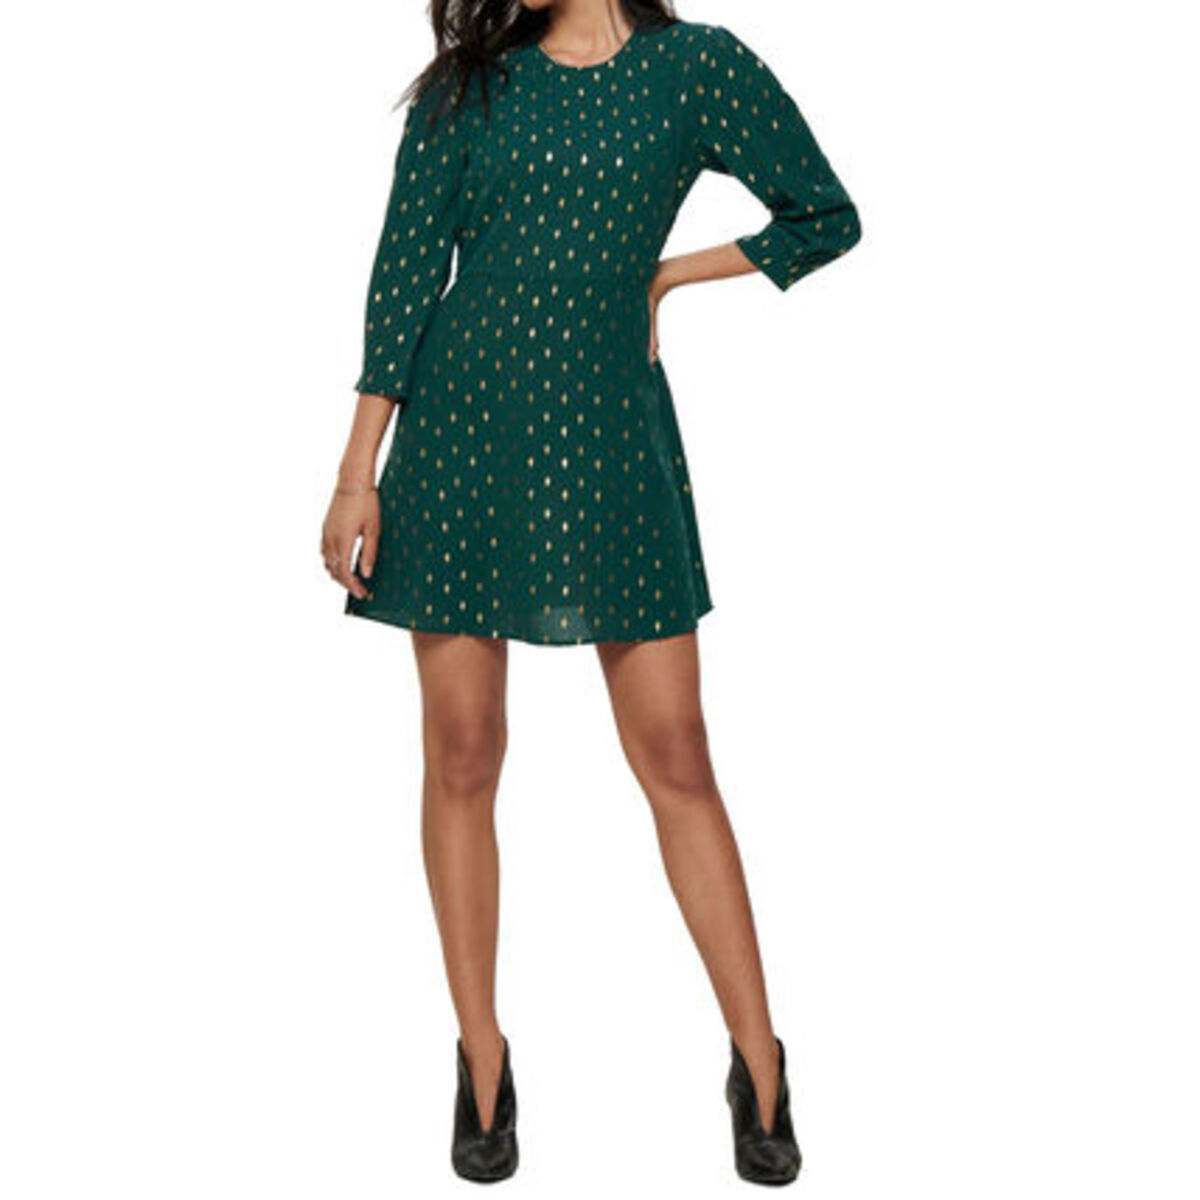 Bild 3 von Only Kleid, Allover-Print, dezente Ballonärmel, tailliert, für Damen